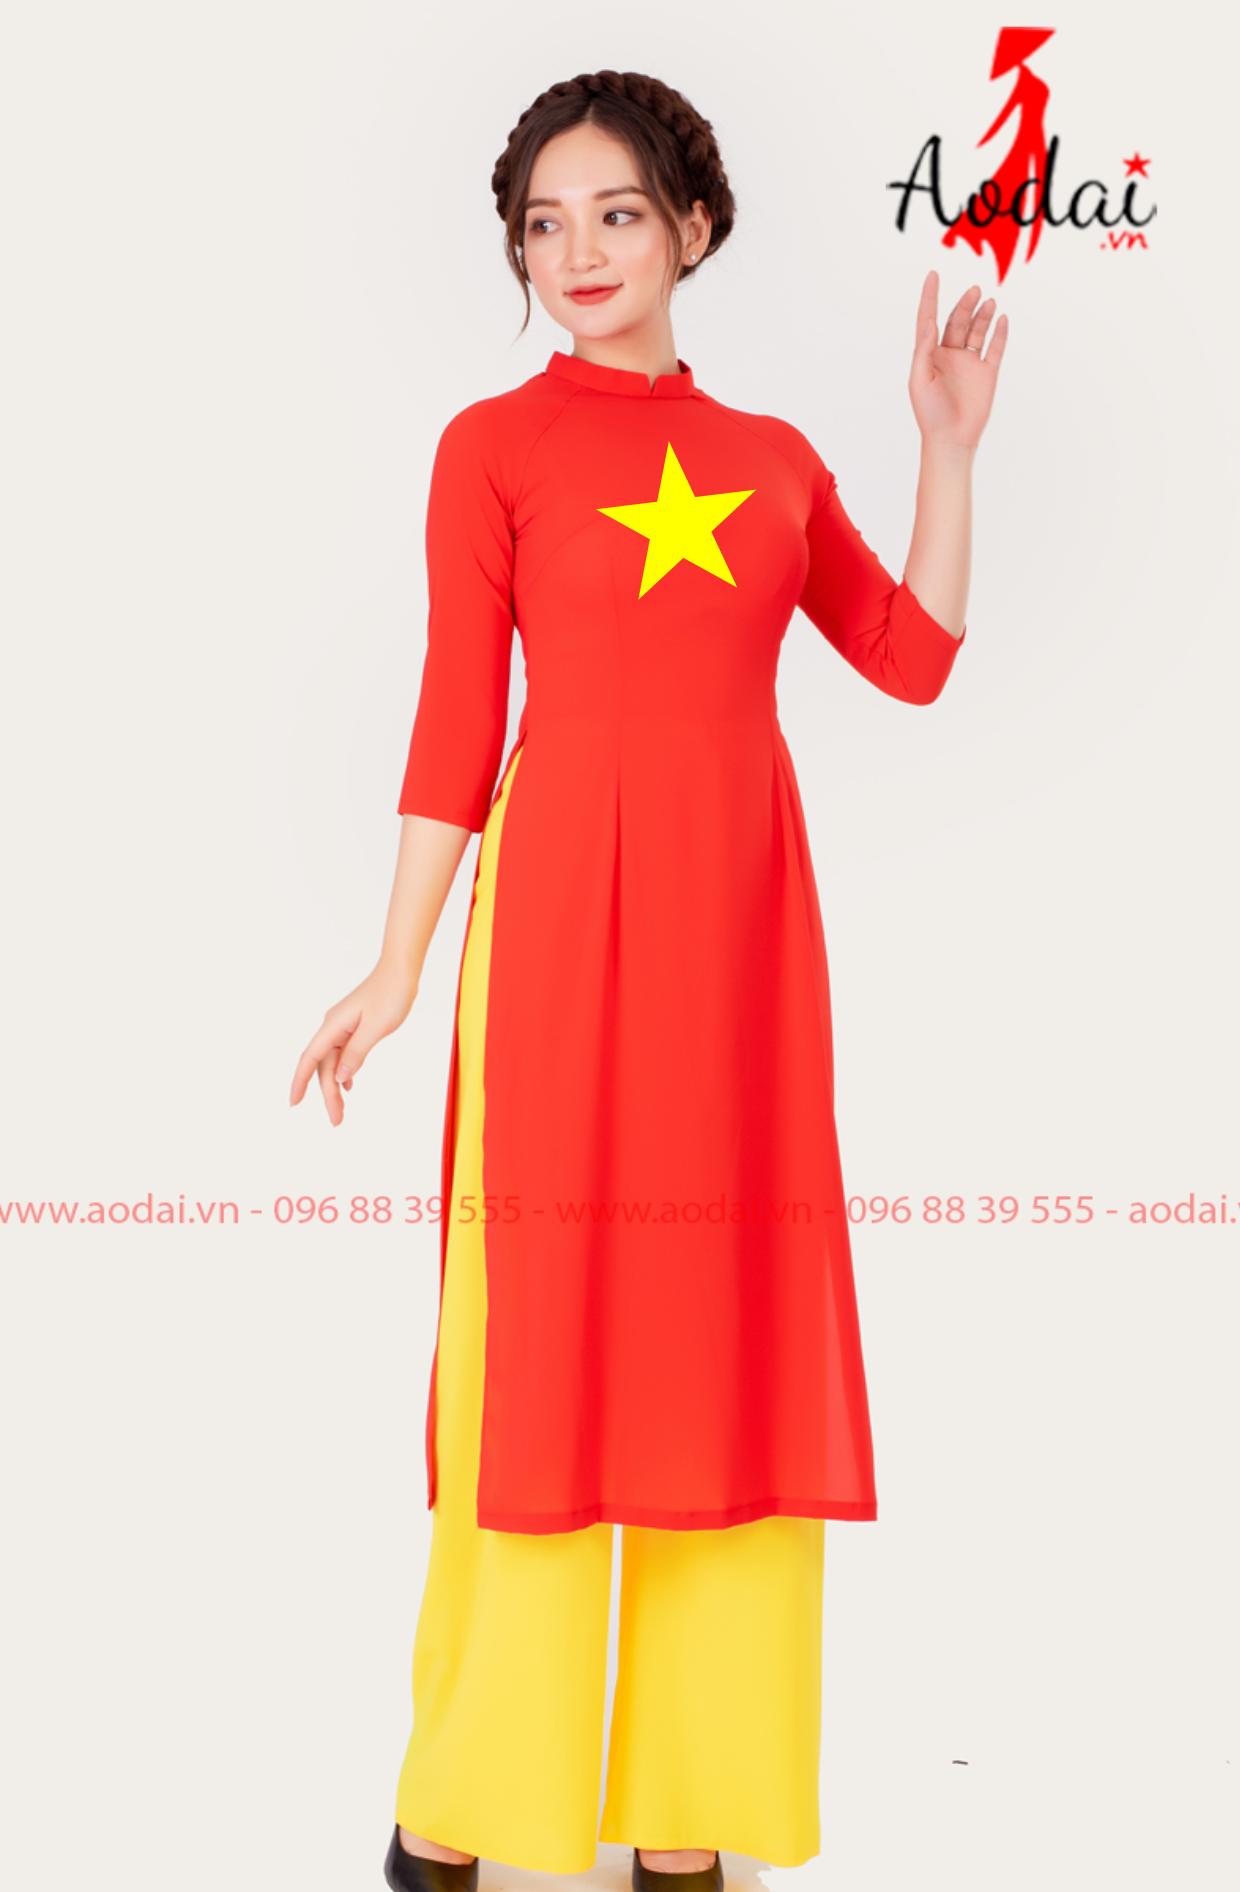 Áo dài cờ đỏ sao vàng cách tân